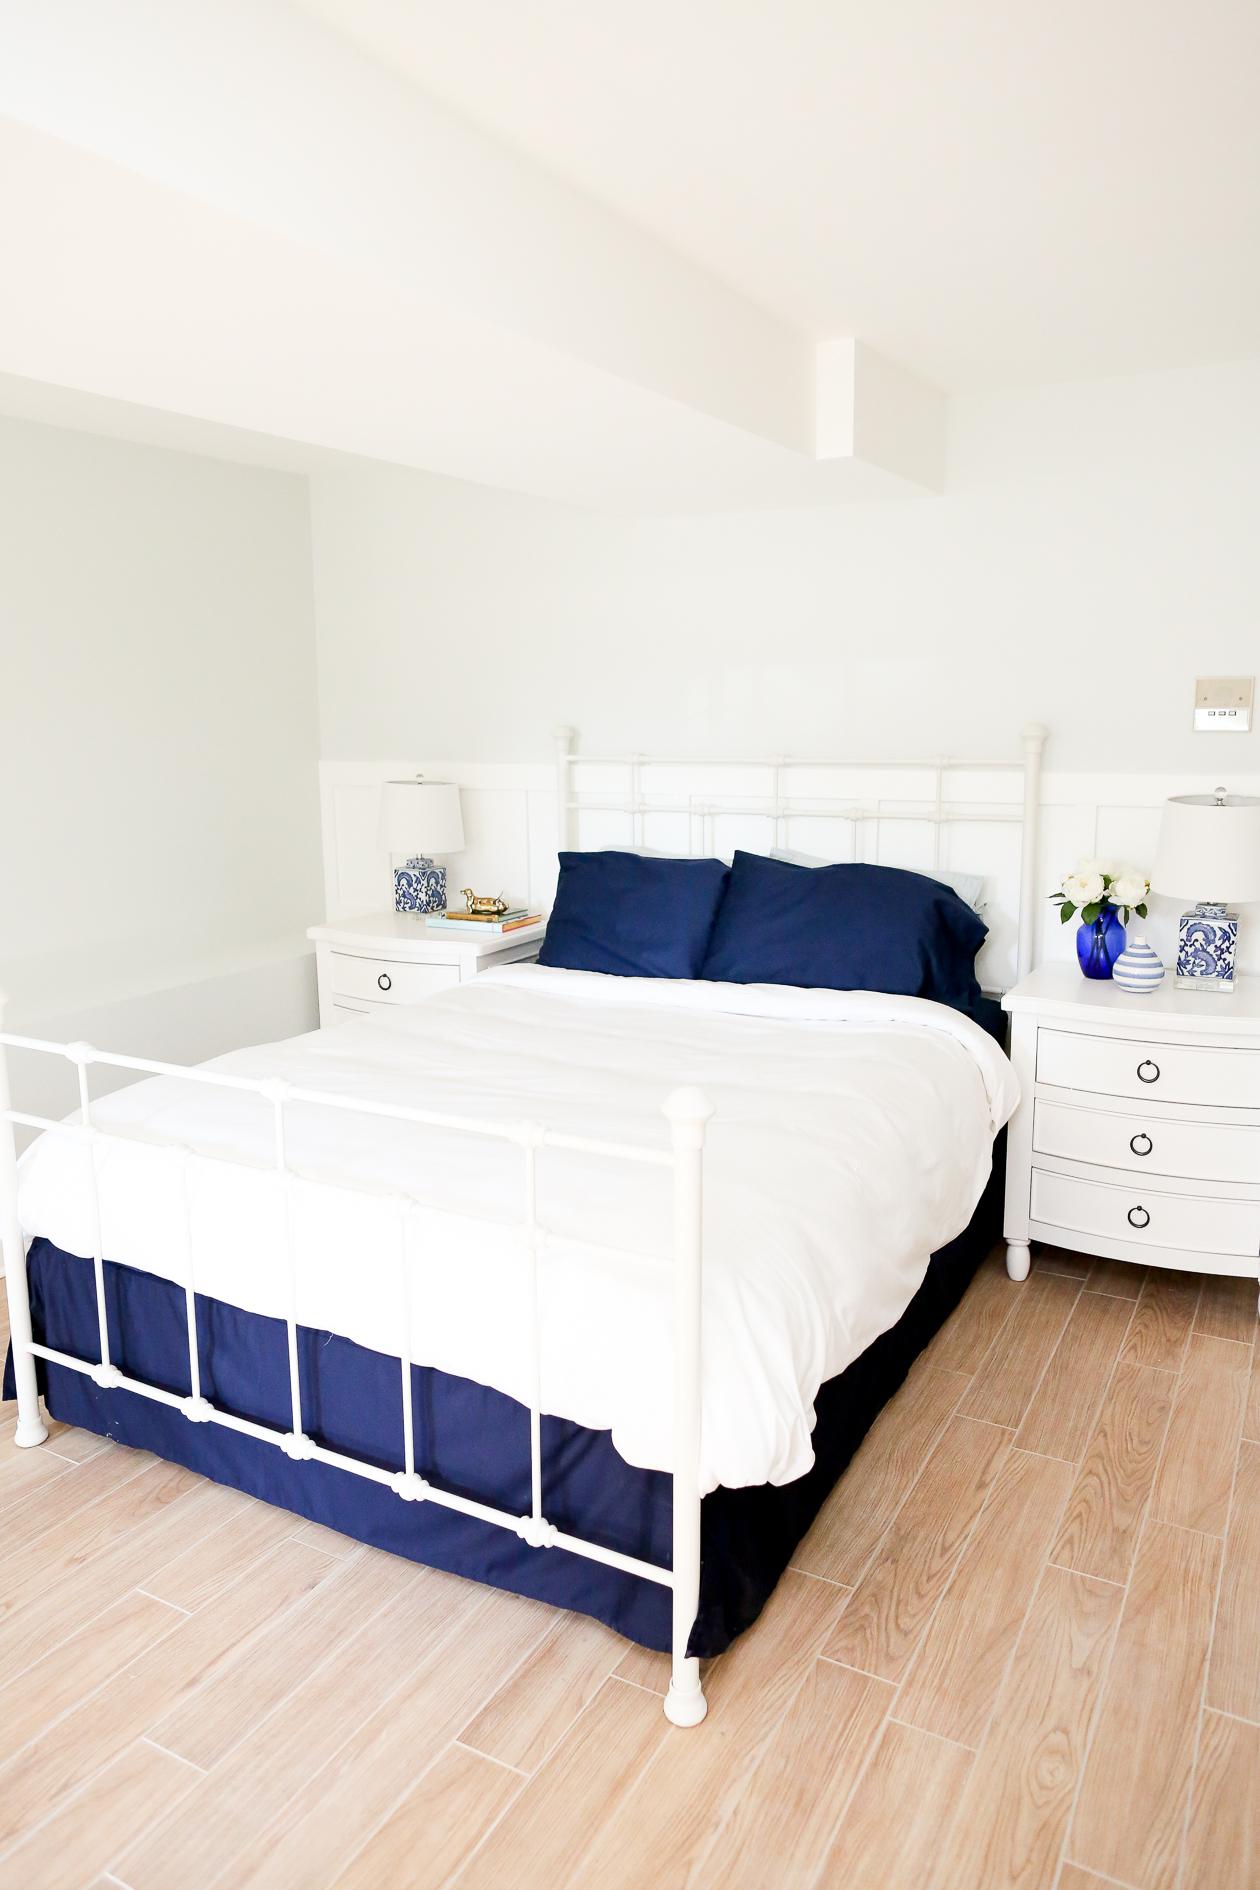 Sachi Home Bedding-45